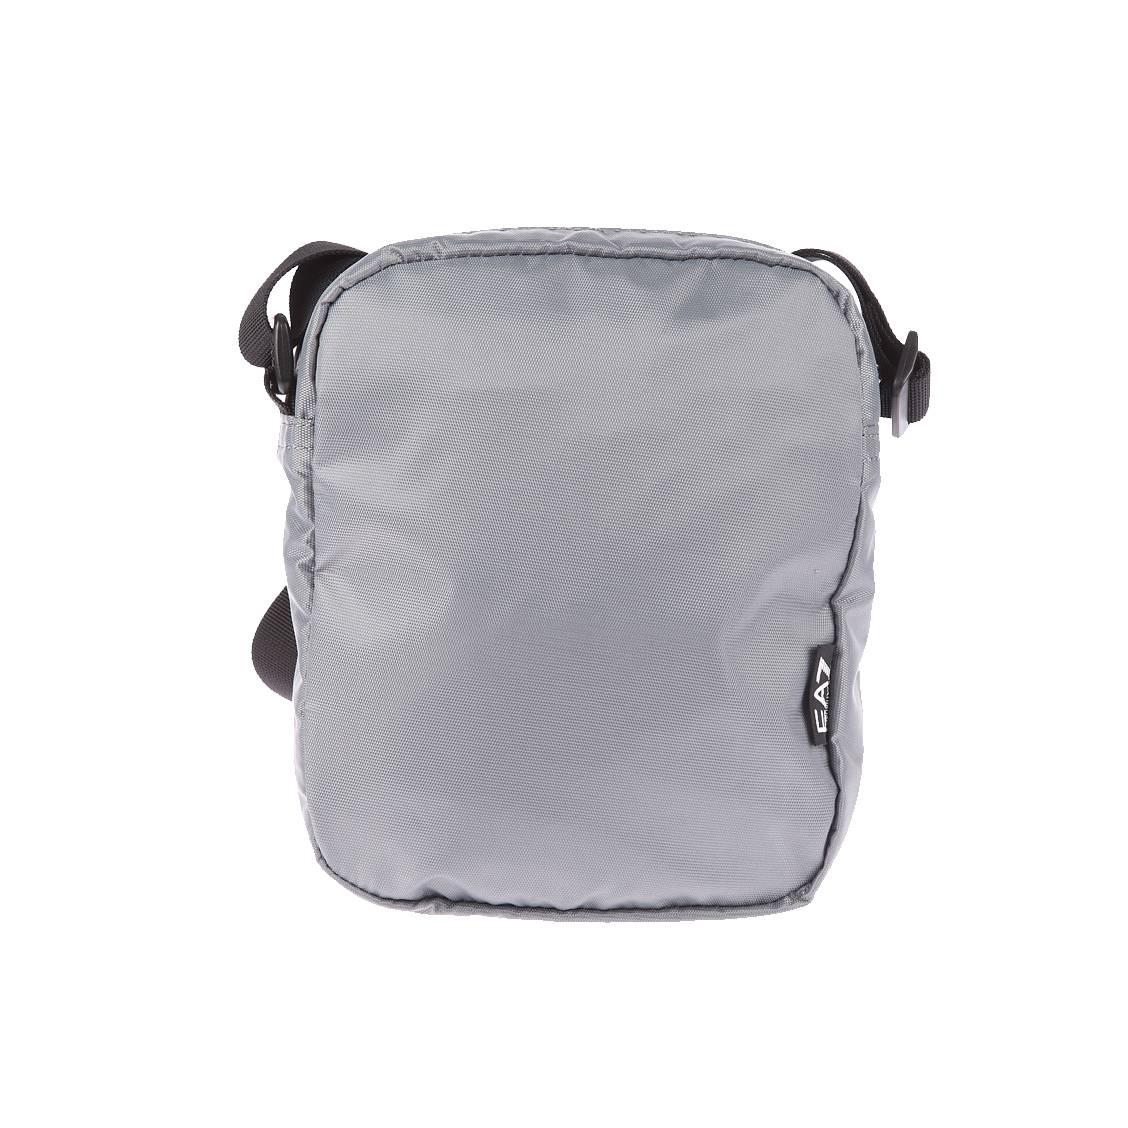 Petite sacoche EA7 en toile gris argenté avec poche avant verticale zippée sqo3ry95